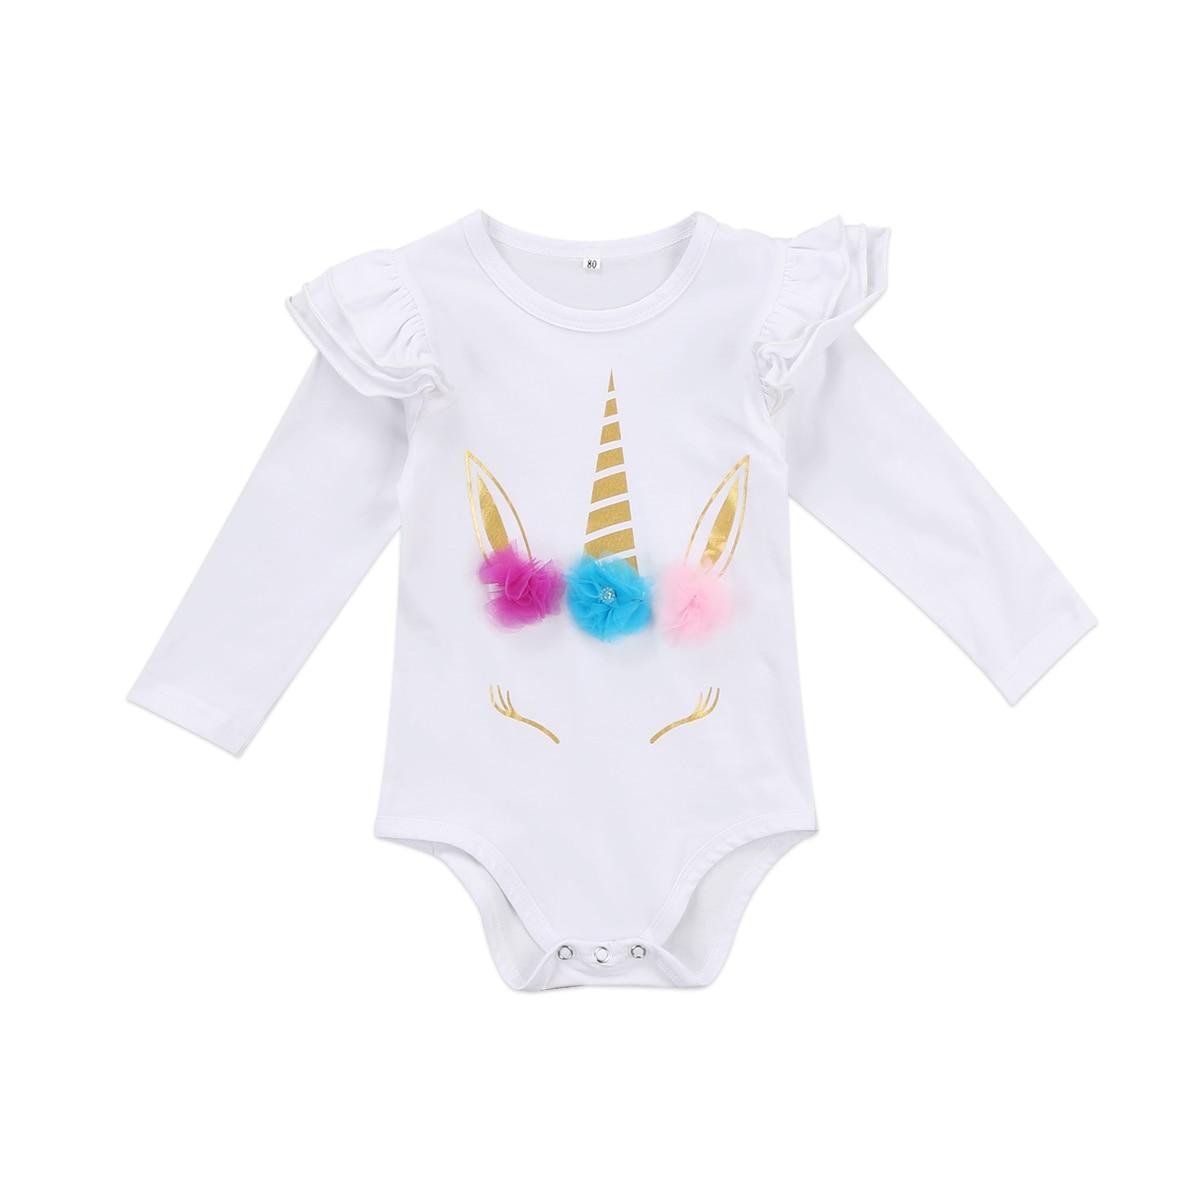 2017 New Baby Girls Clothing Newborn Baby Girl Ruffles